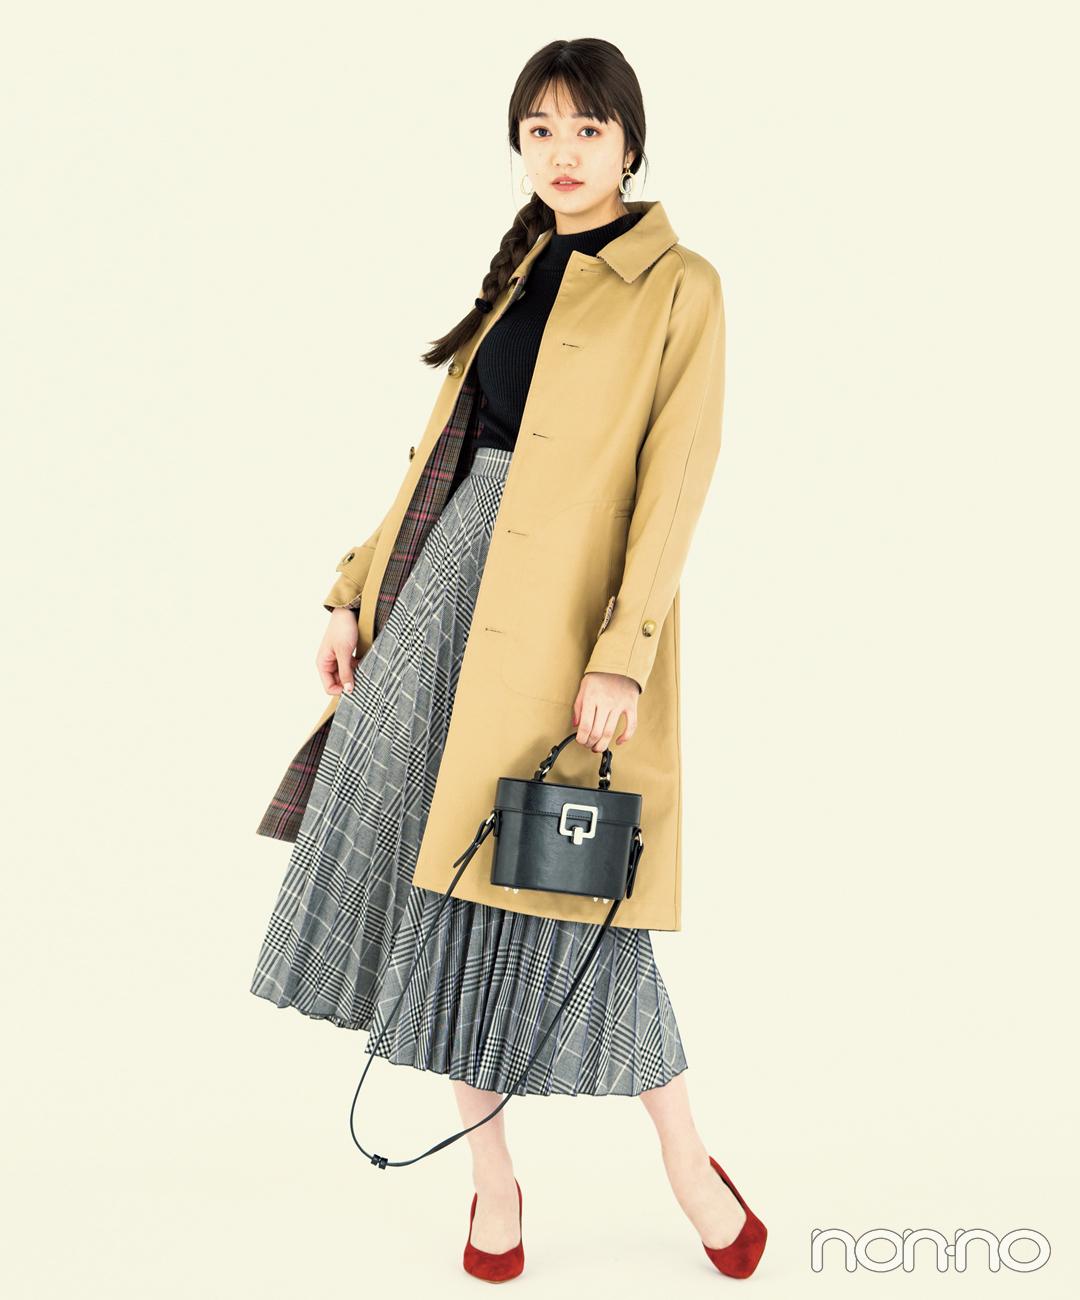 【プリーツスカート4】グレンチェックのプリーツスカート×赤小物